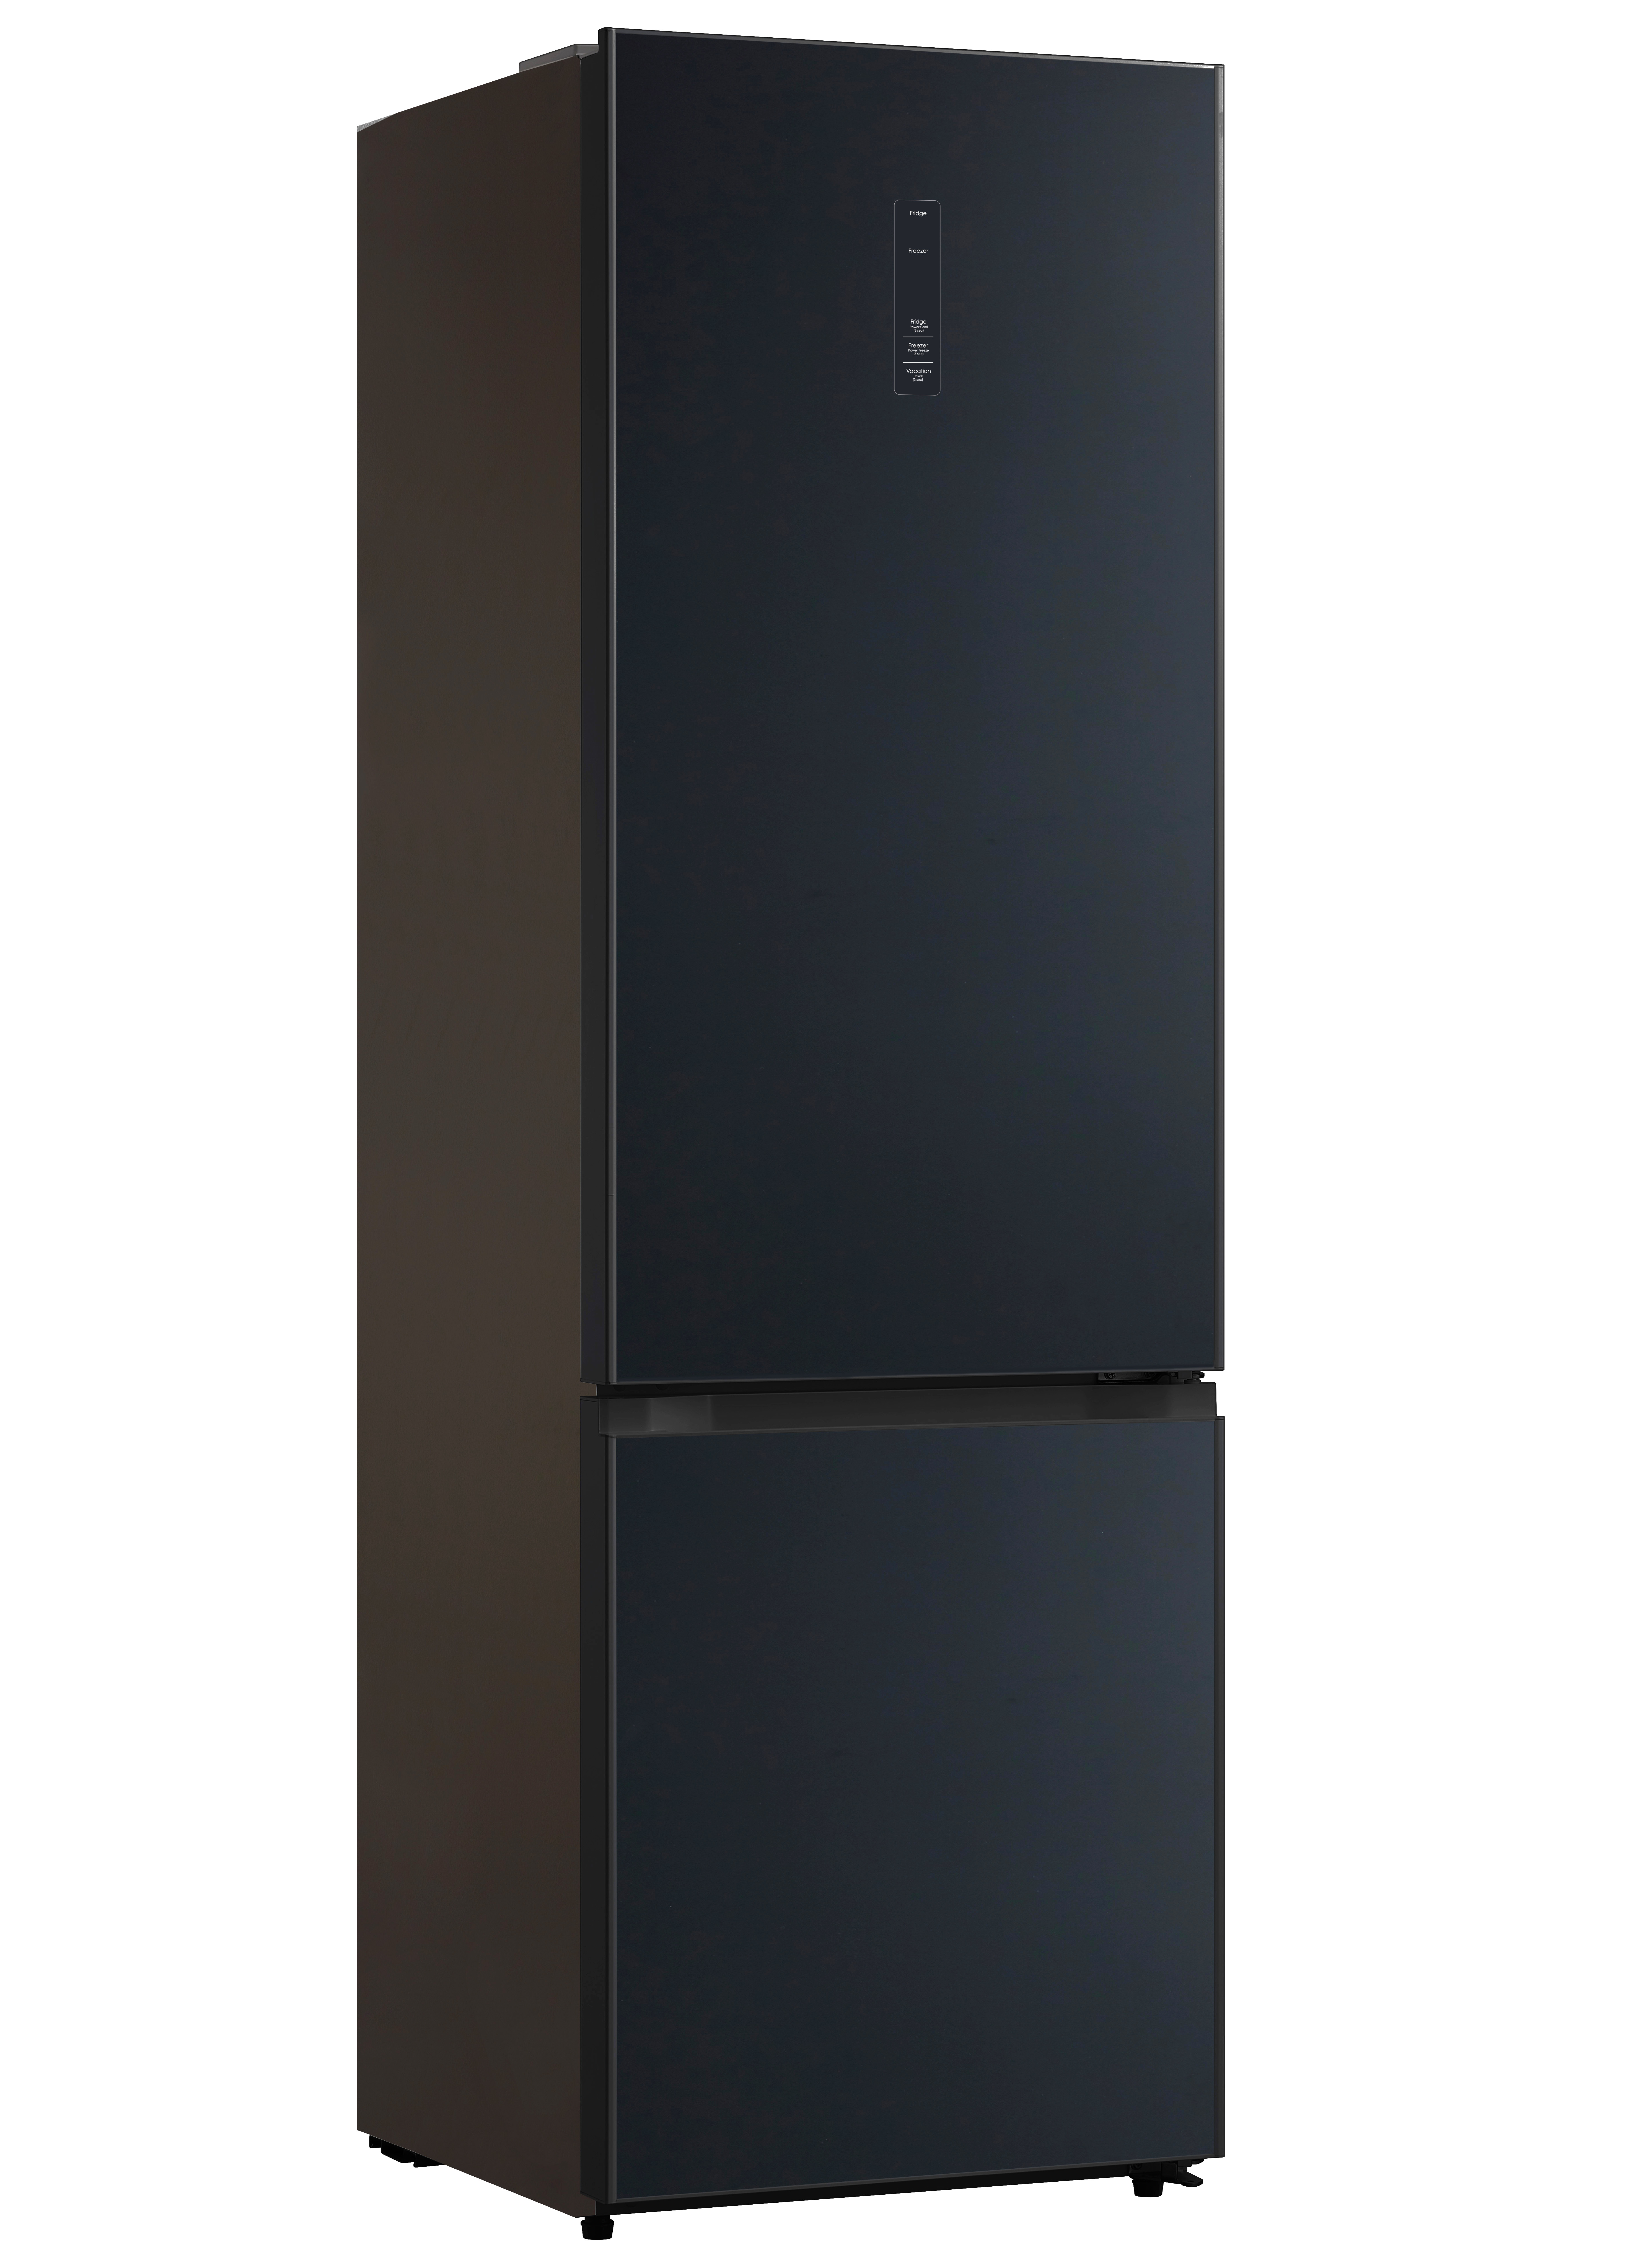 Холодильник Midea MRB519SFNGB1 фото